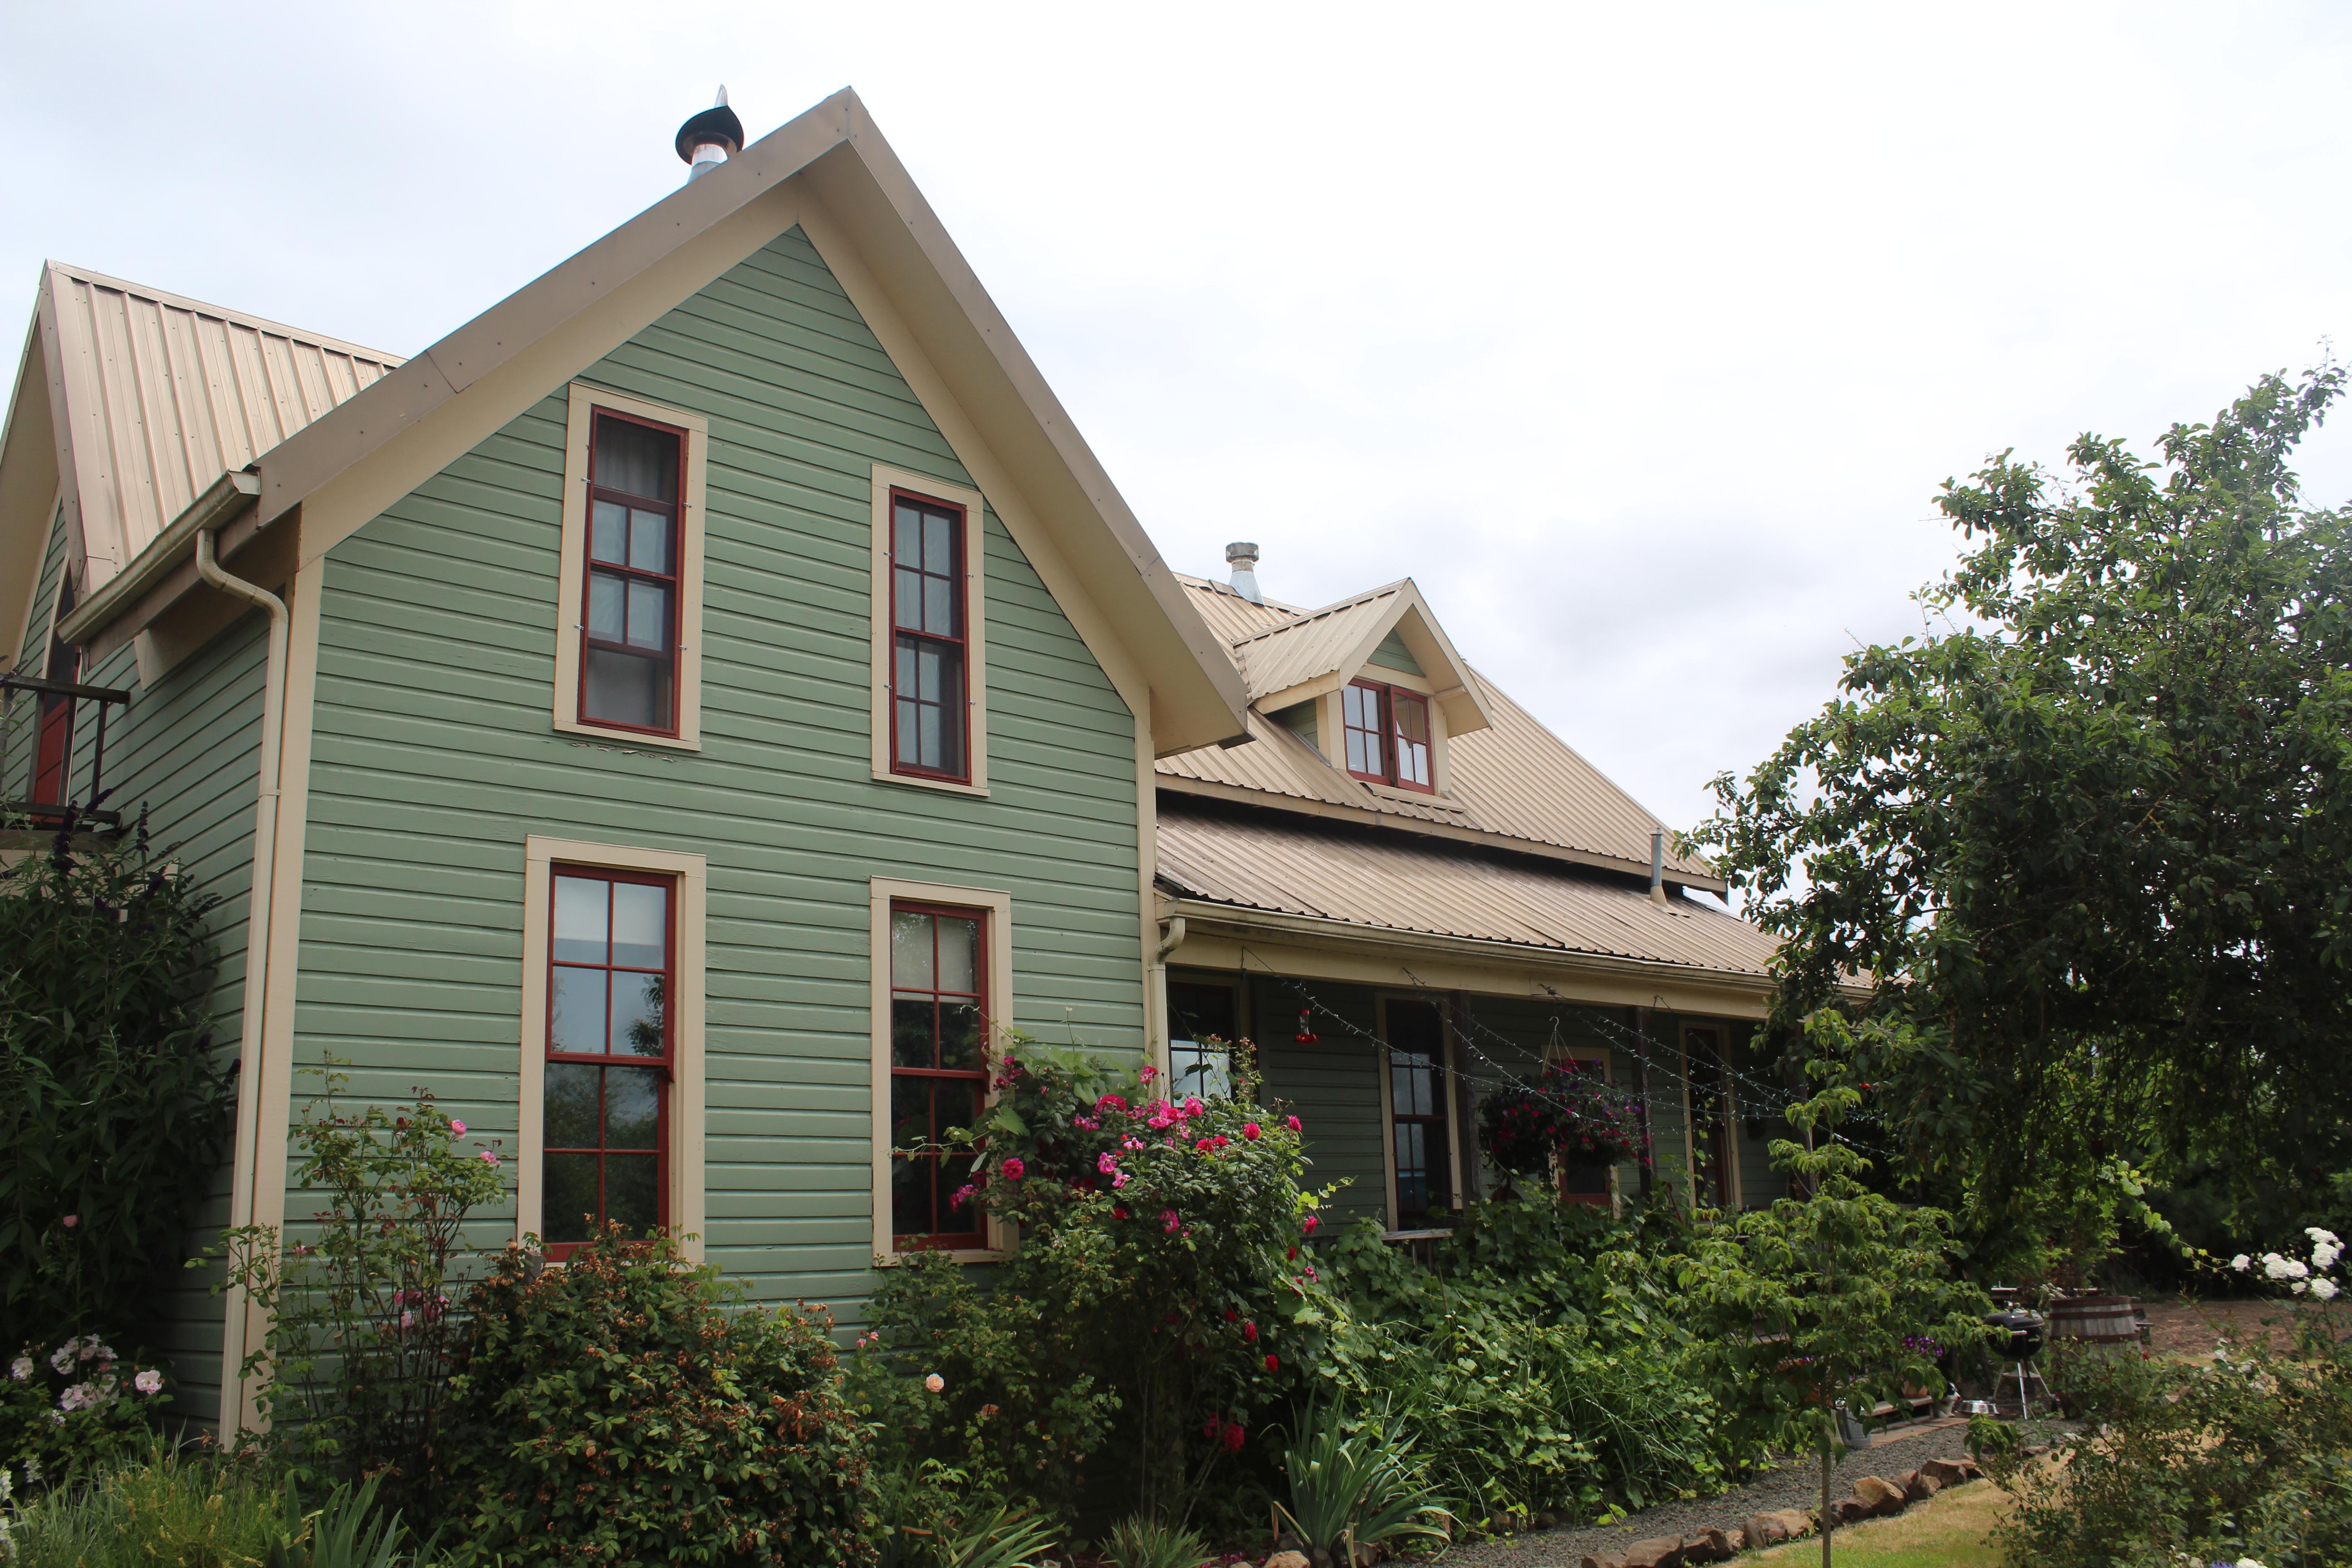 Debra prinzing attachment crowleyhouseimg 5880 for 19th century farmhouse plans